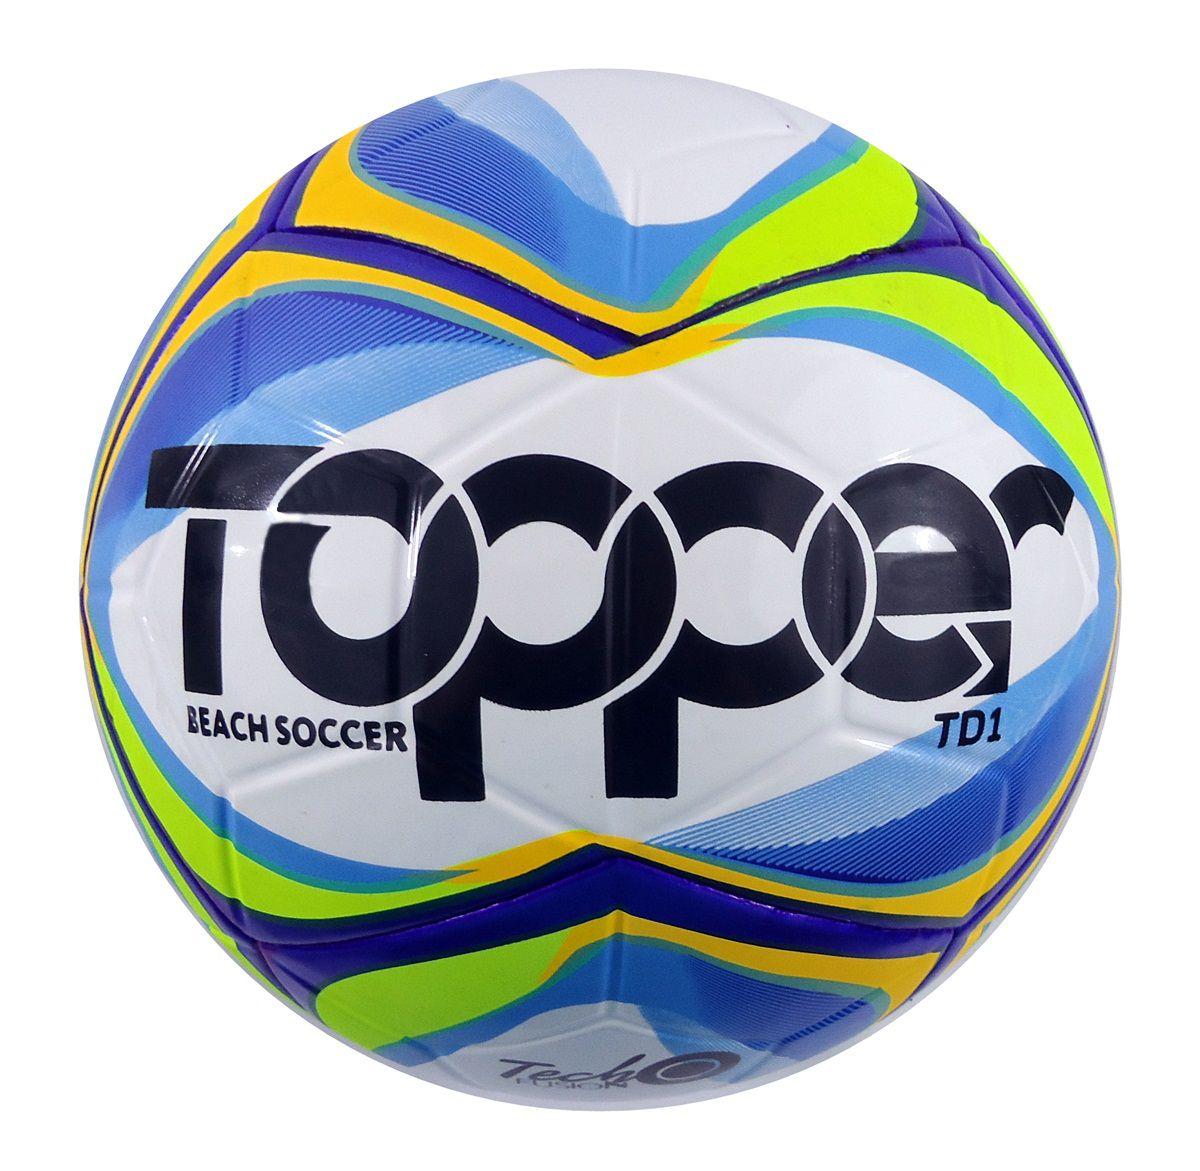 9abbf2221 Bola Futebol De Areia Topper Beach Soccer Pró Tecno Fusion - SPORT CENTER  JARAGUÁ